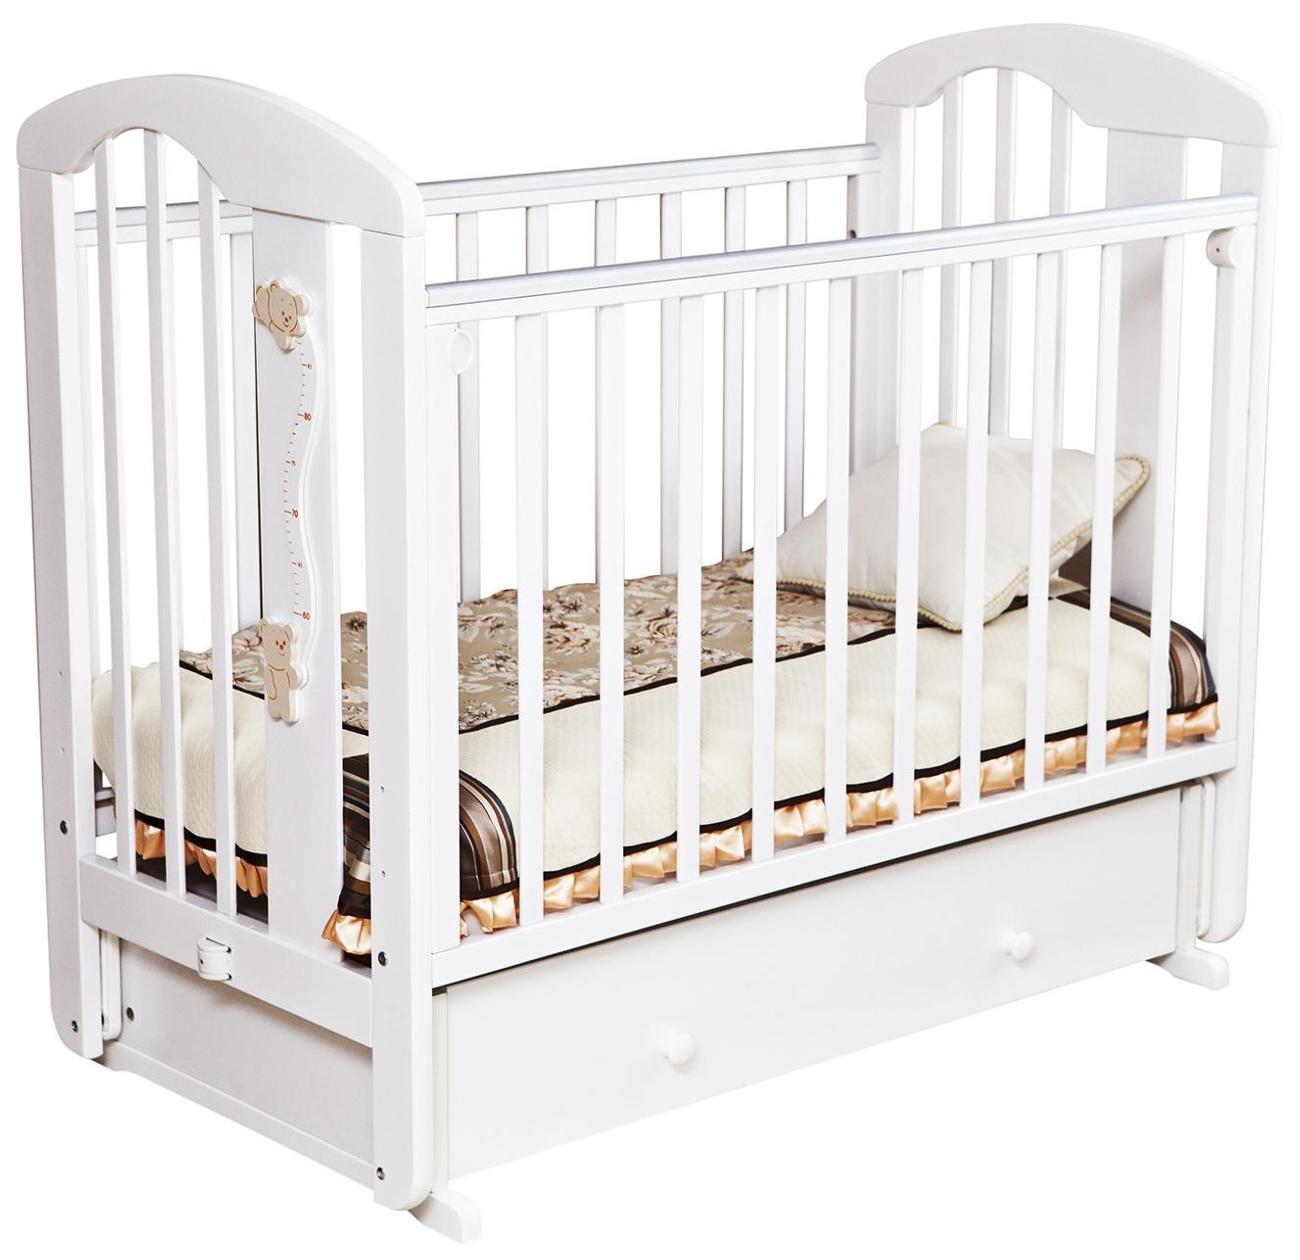 Кровать детская Красная Звезда Агата С 719 накладка-ростомер № 11 Белый